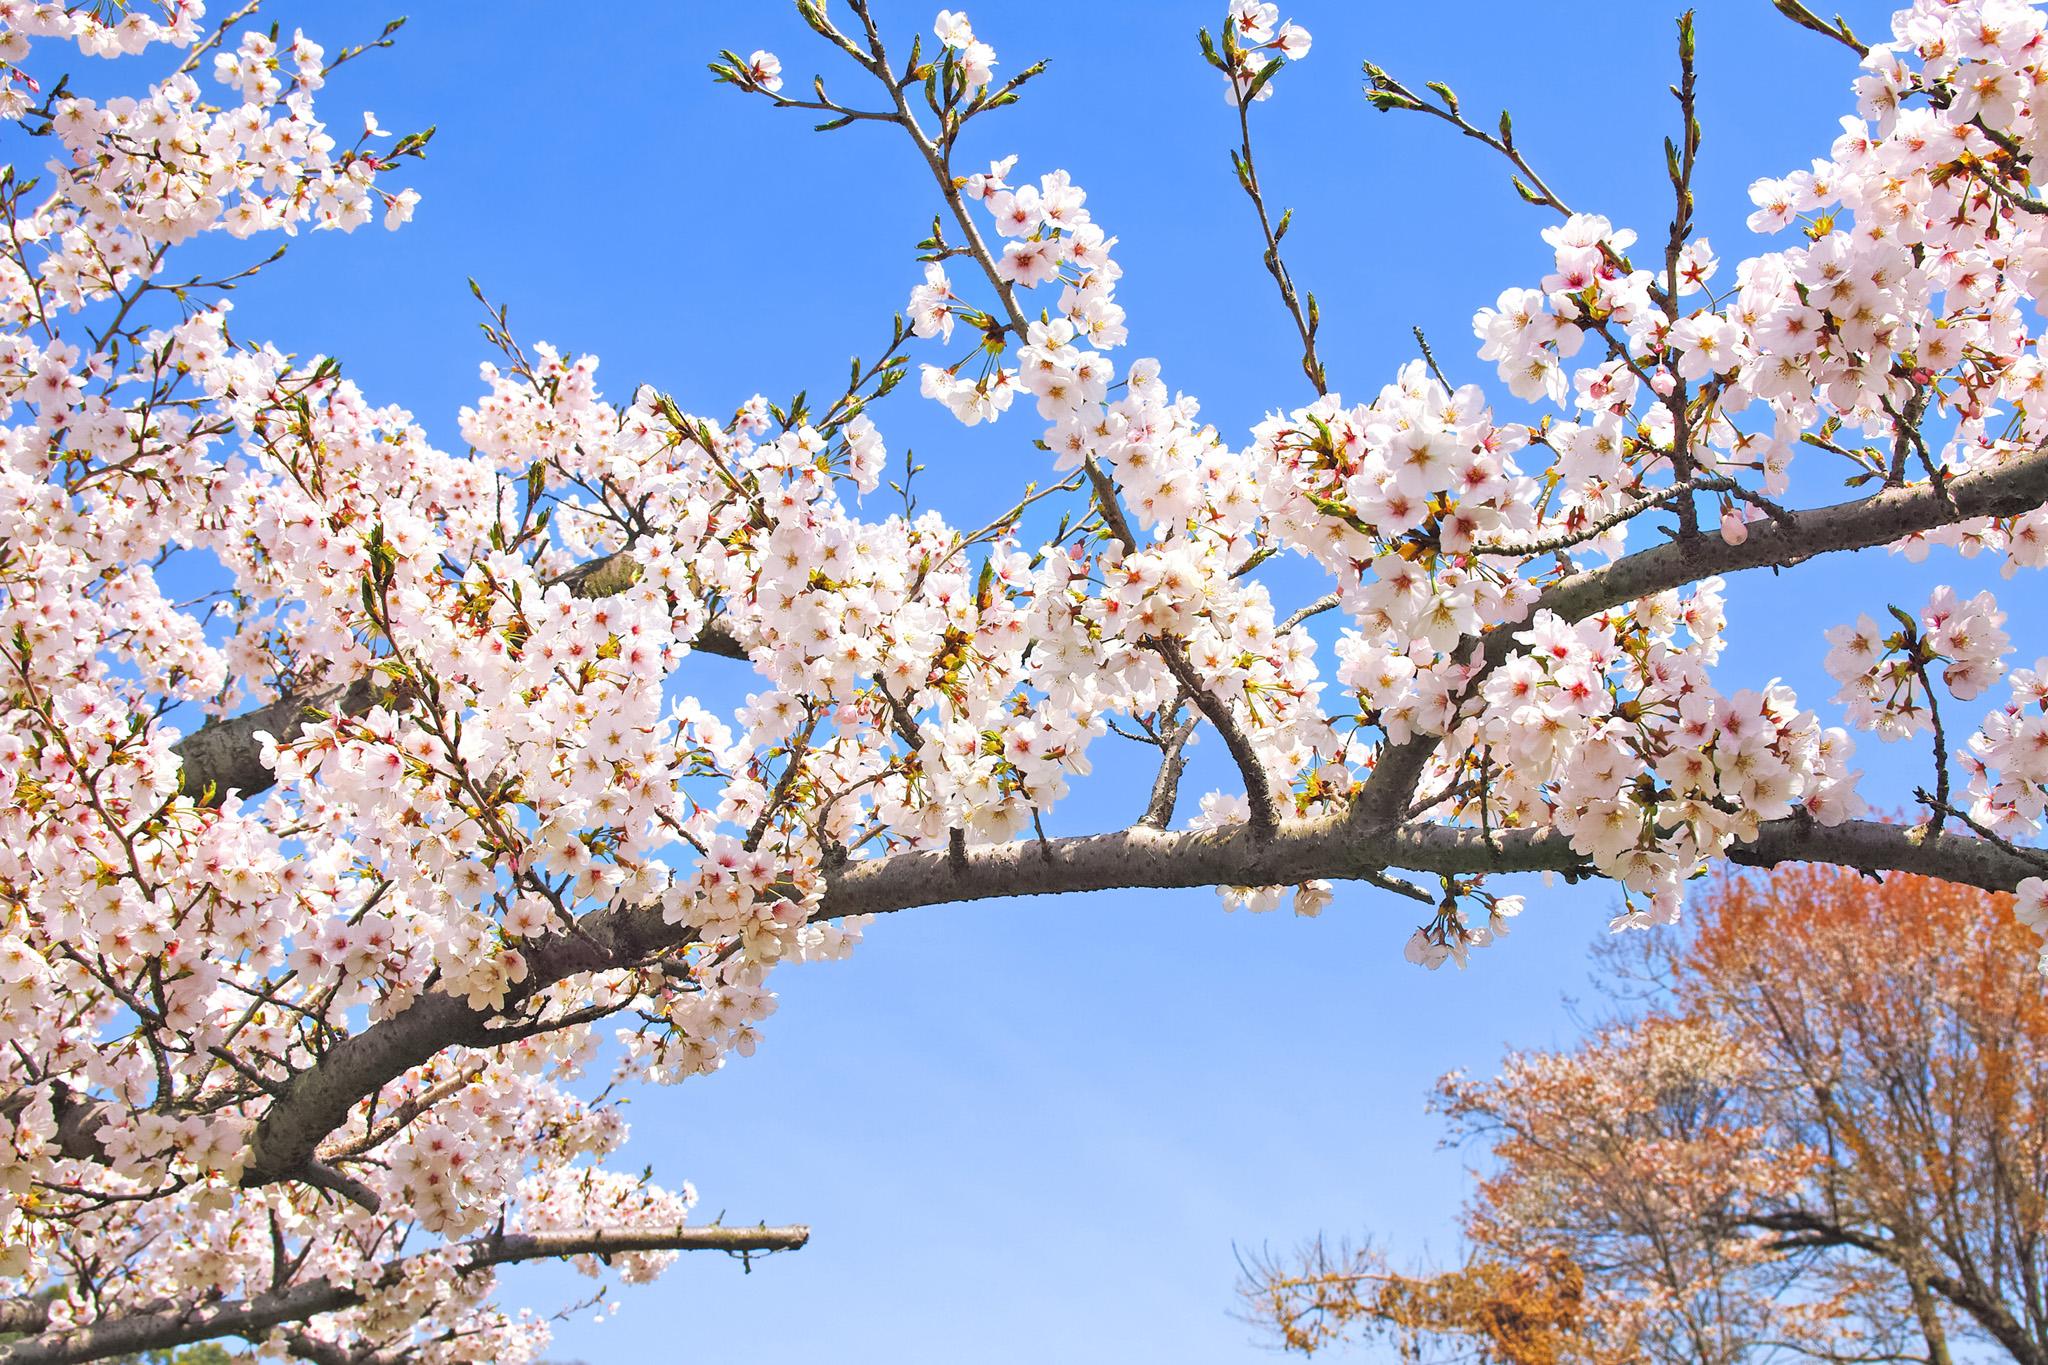 「花咲く桜の枝が空を渡る」